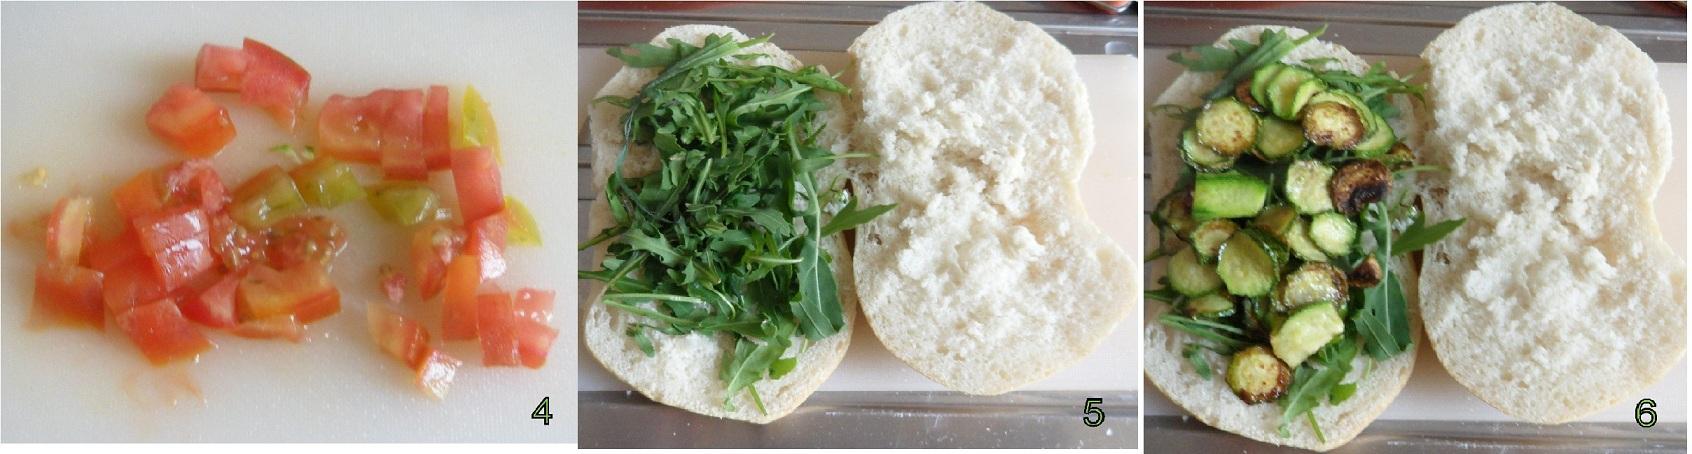 panino tricolore ricetta light il chicco di mais 2